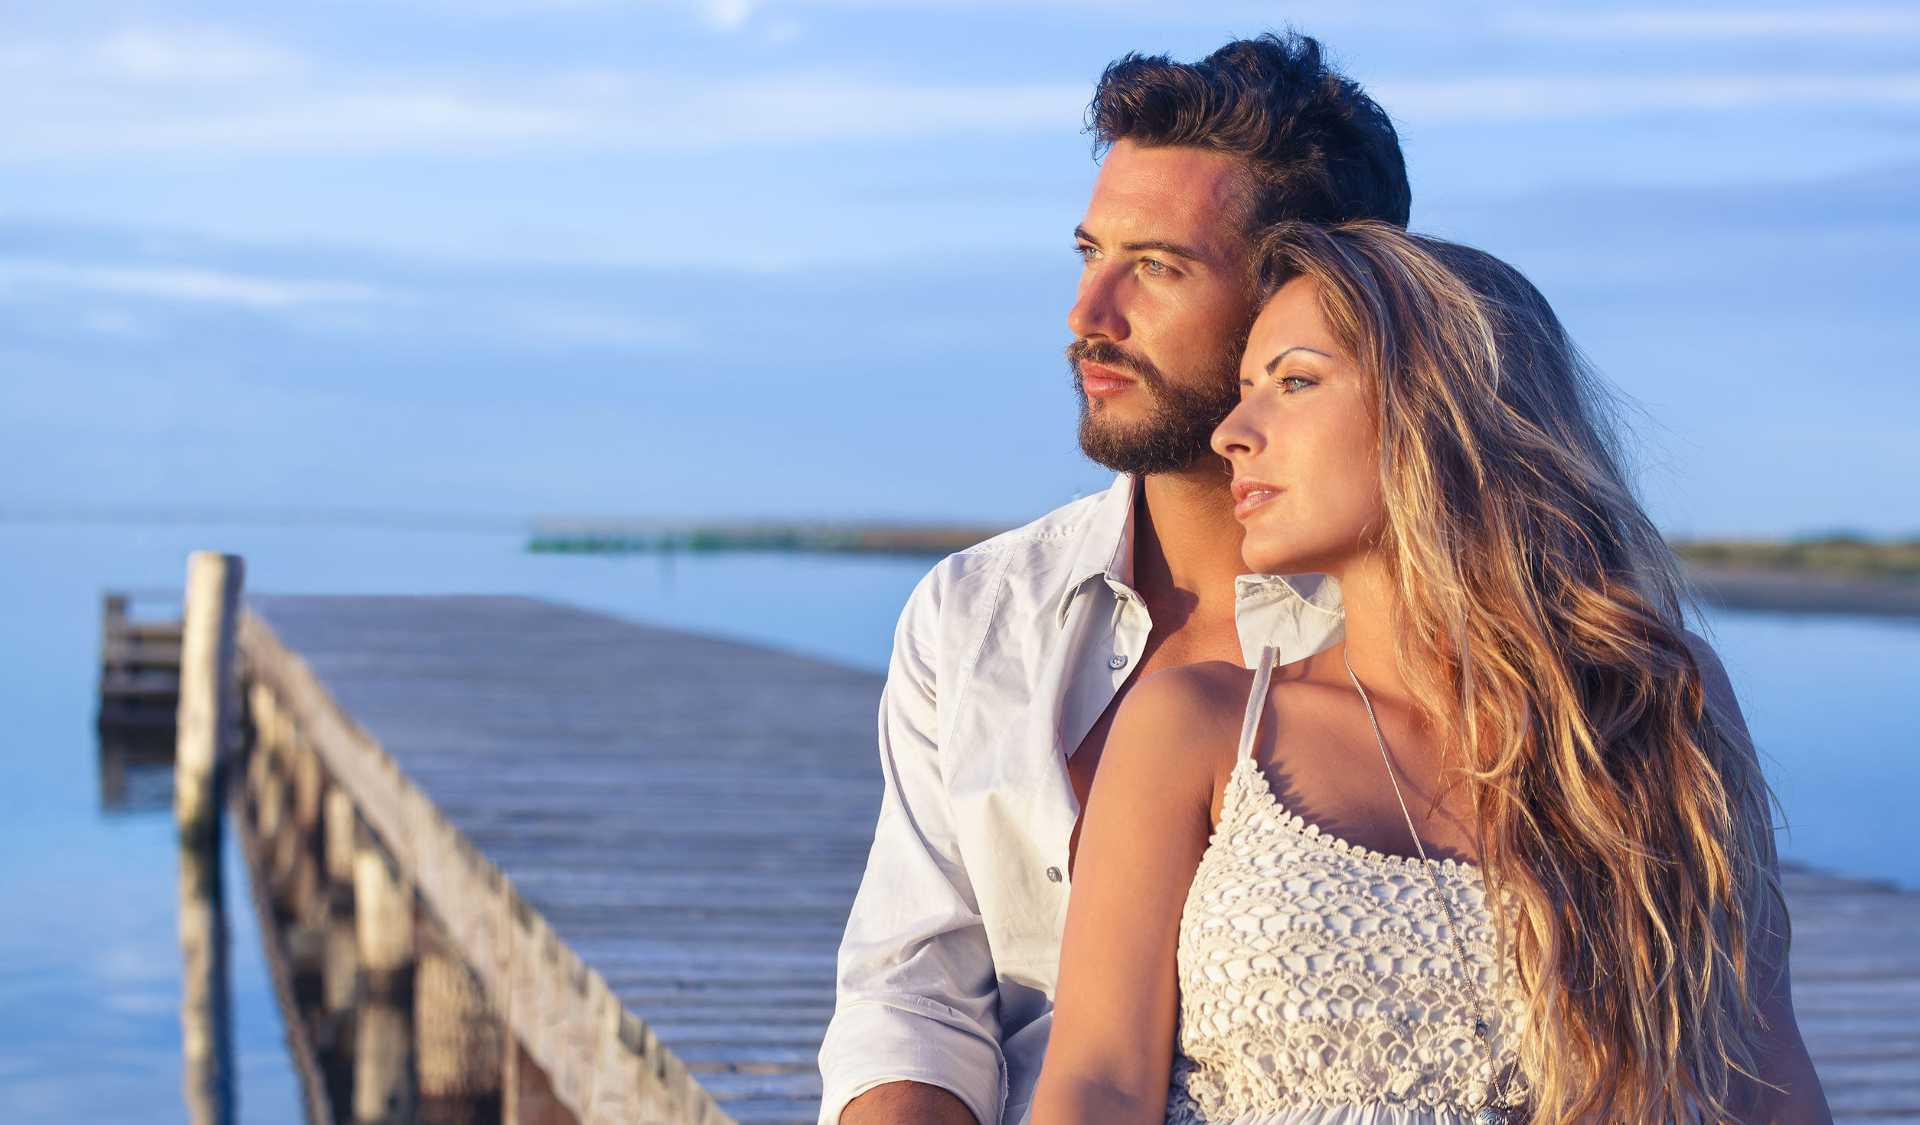 Tarocchi online: consulto in amore con le cartomanti del Regno. Coppia di innamorati che guardano al futuro senza temere nulla.